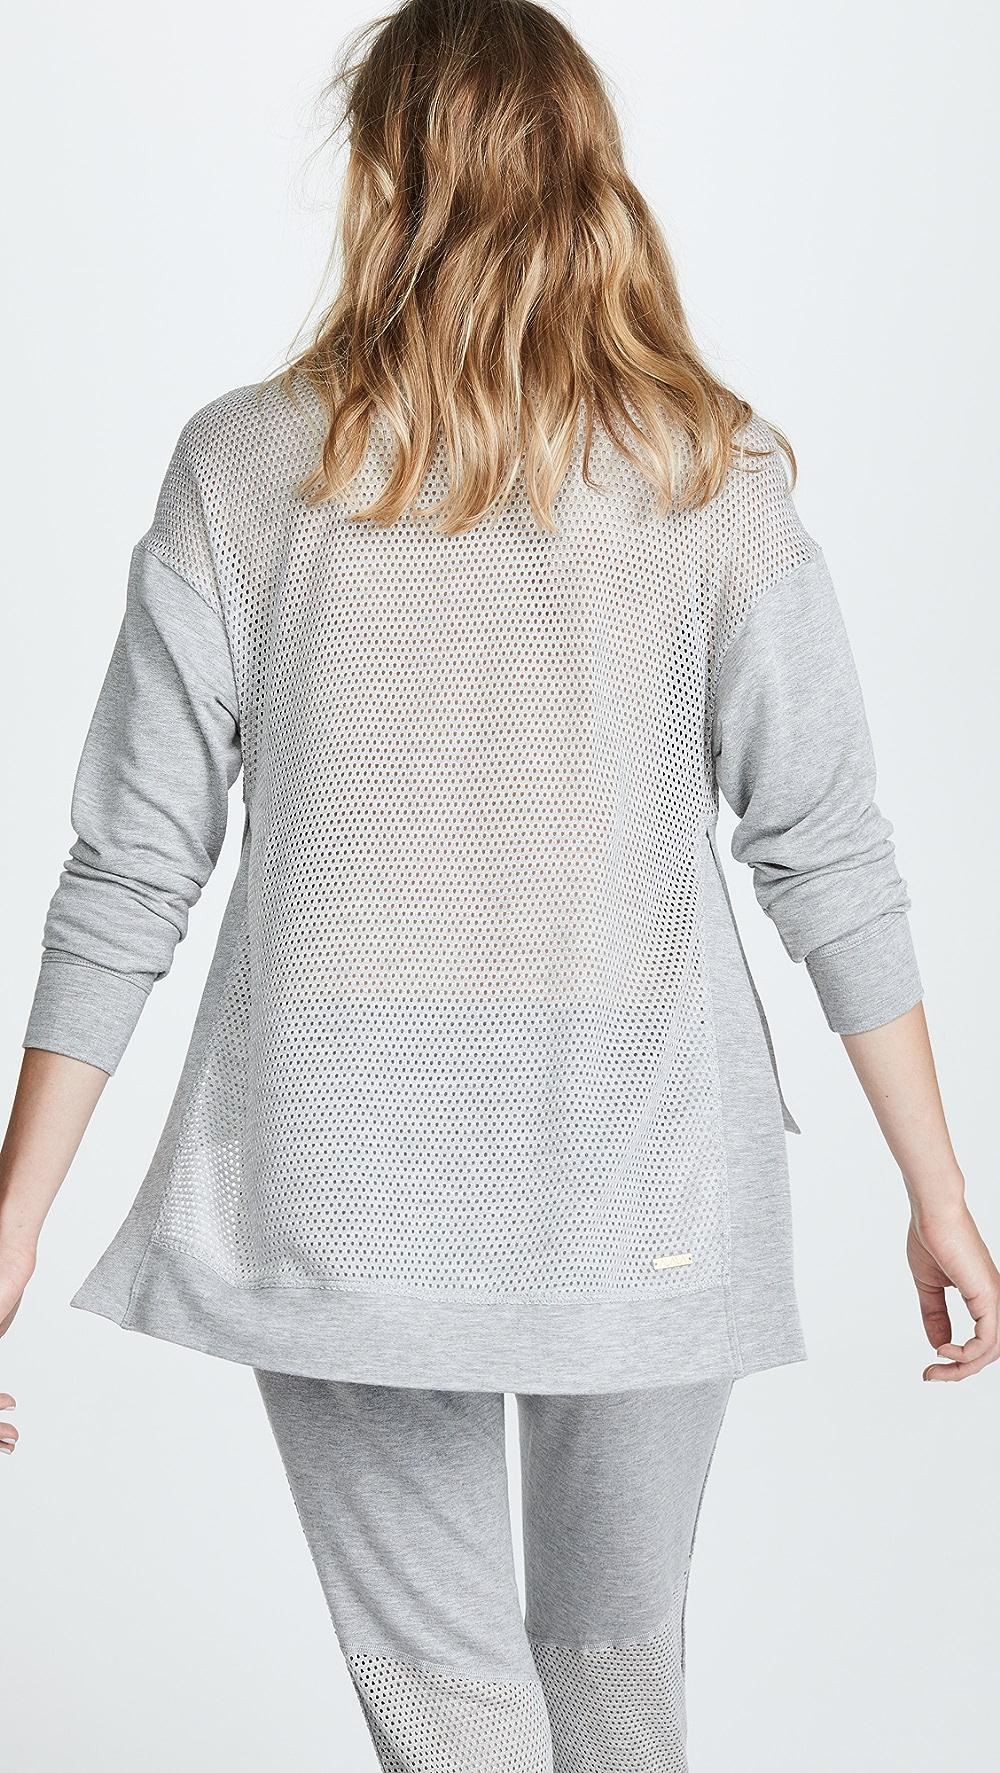 Devoted Alala - Heron Sweatshirt Beautiful And Charming